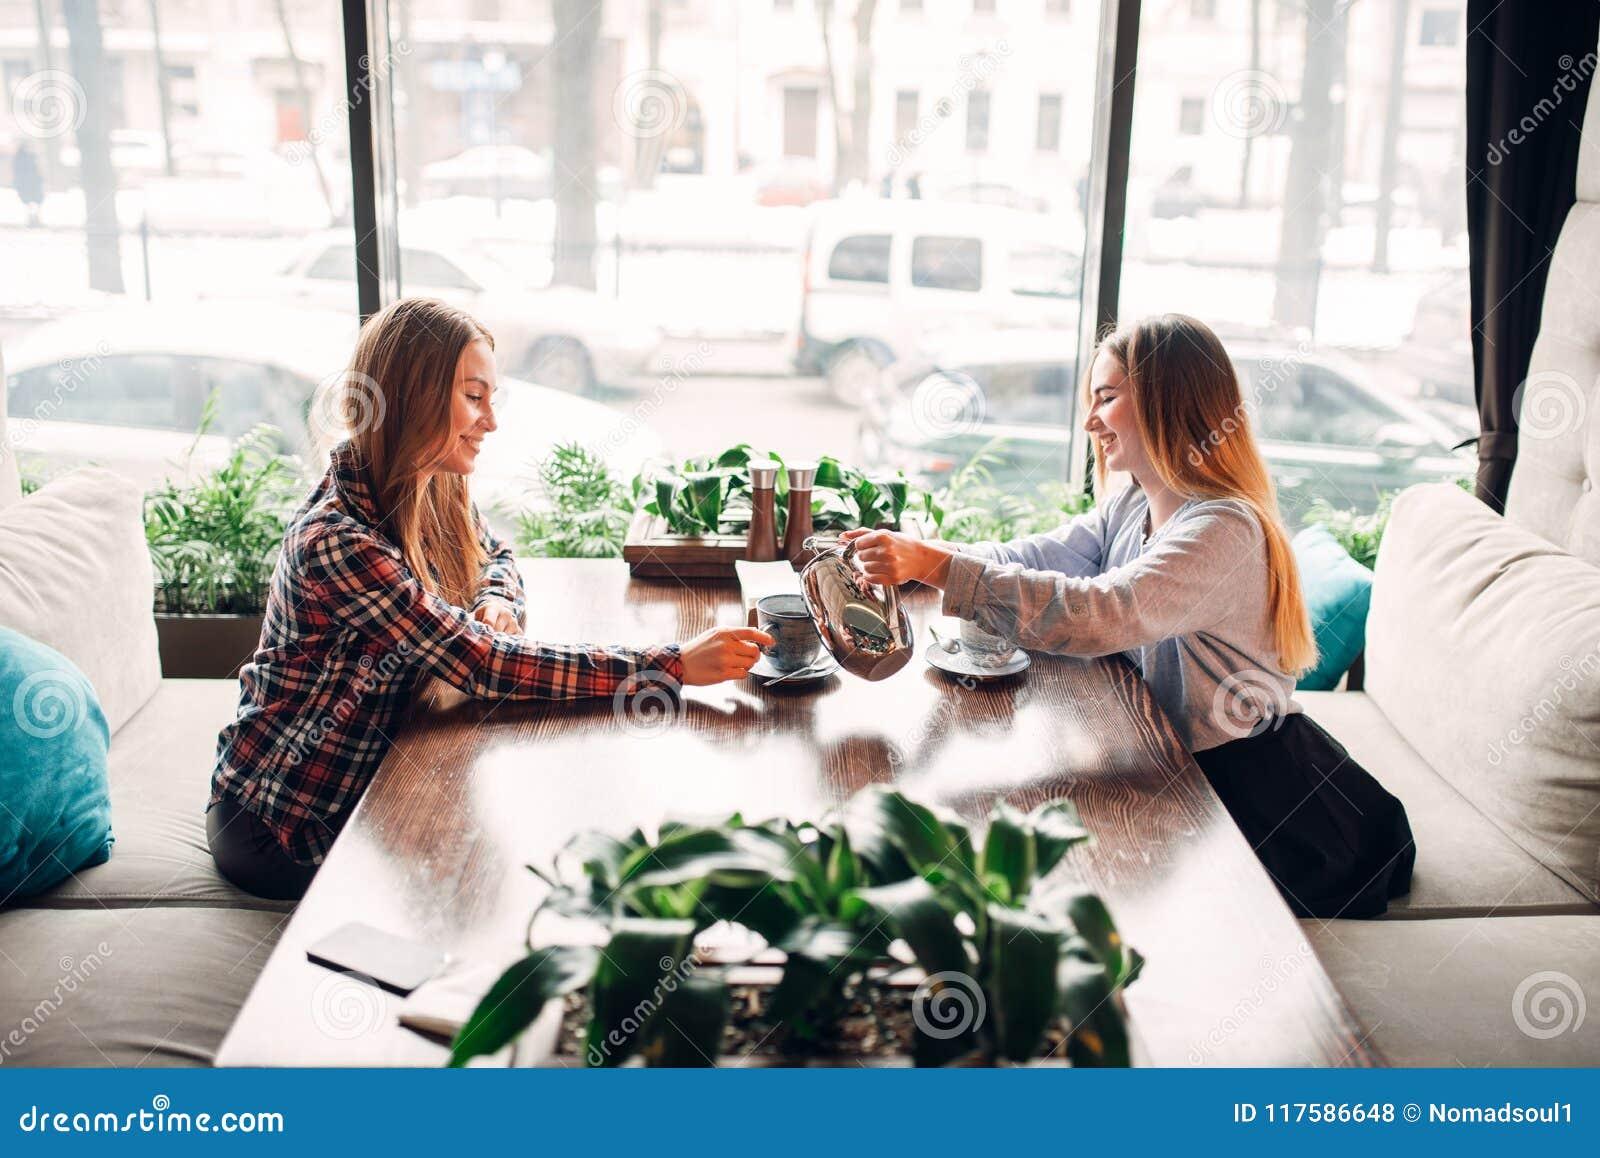 Dos novias se encontraron en un café para beber el café